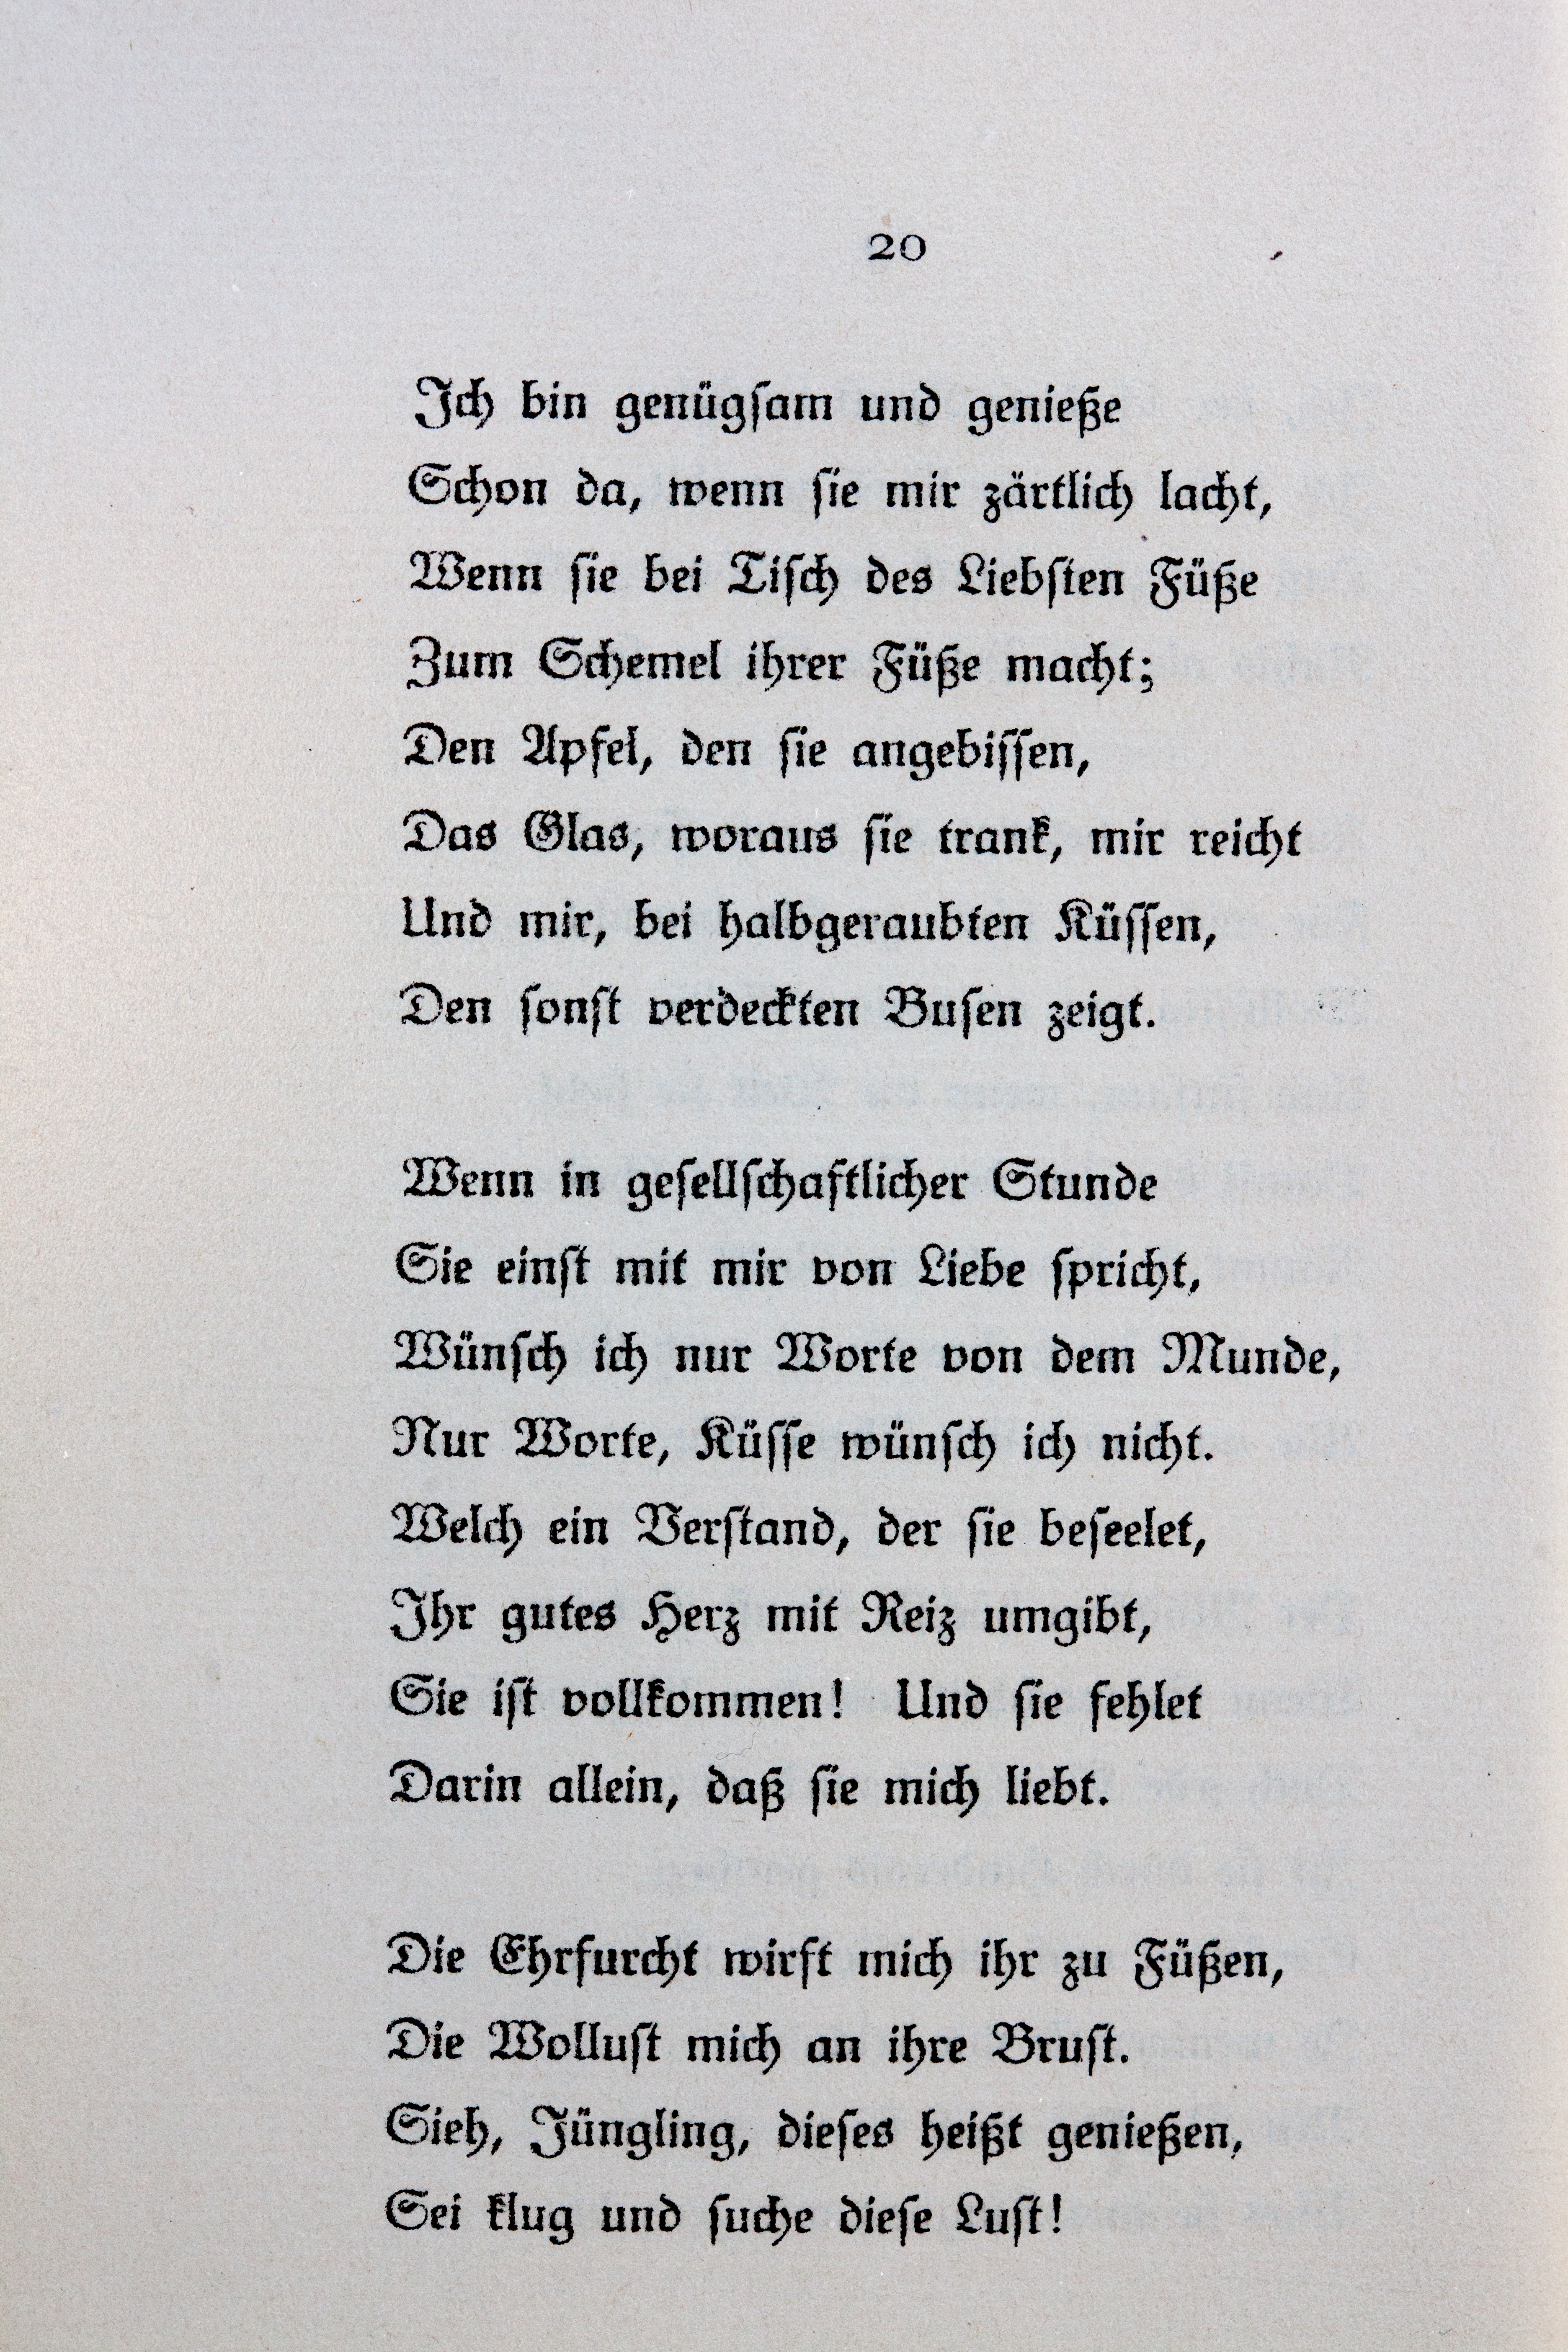 Archivogoethes Liebesgedichte Im Insel Verlag 020jpg